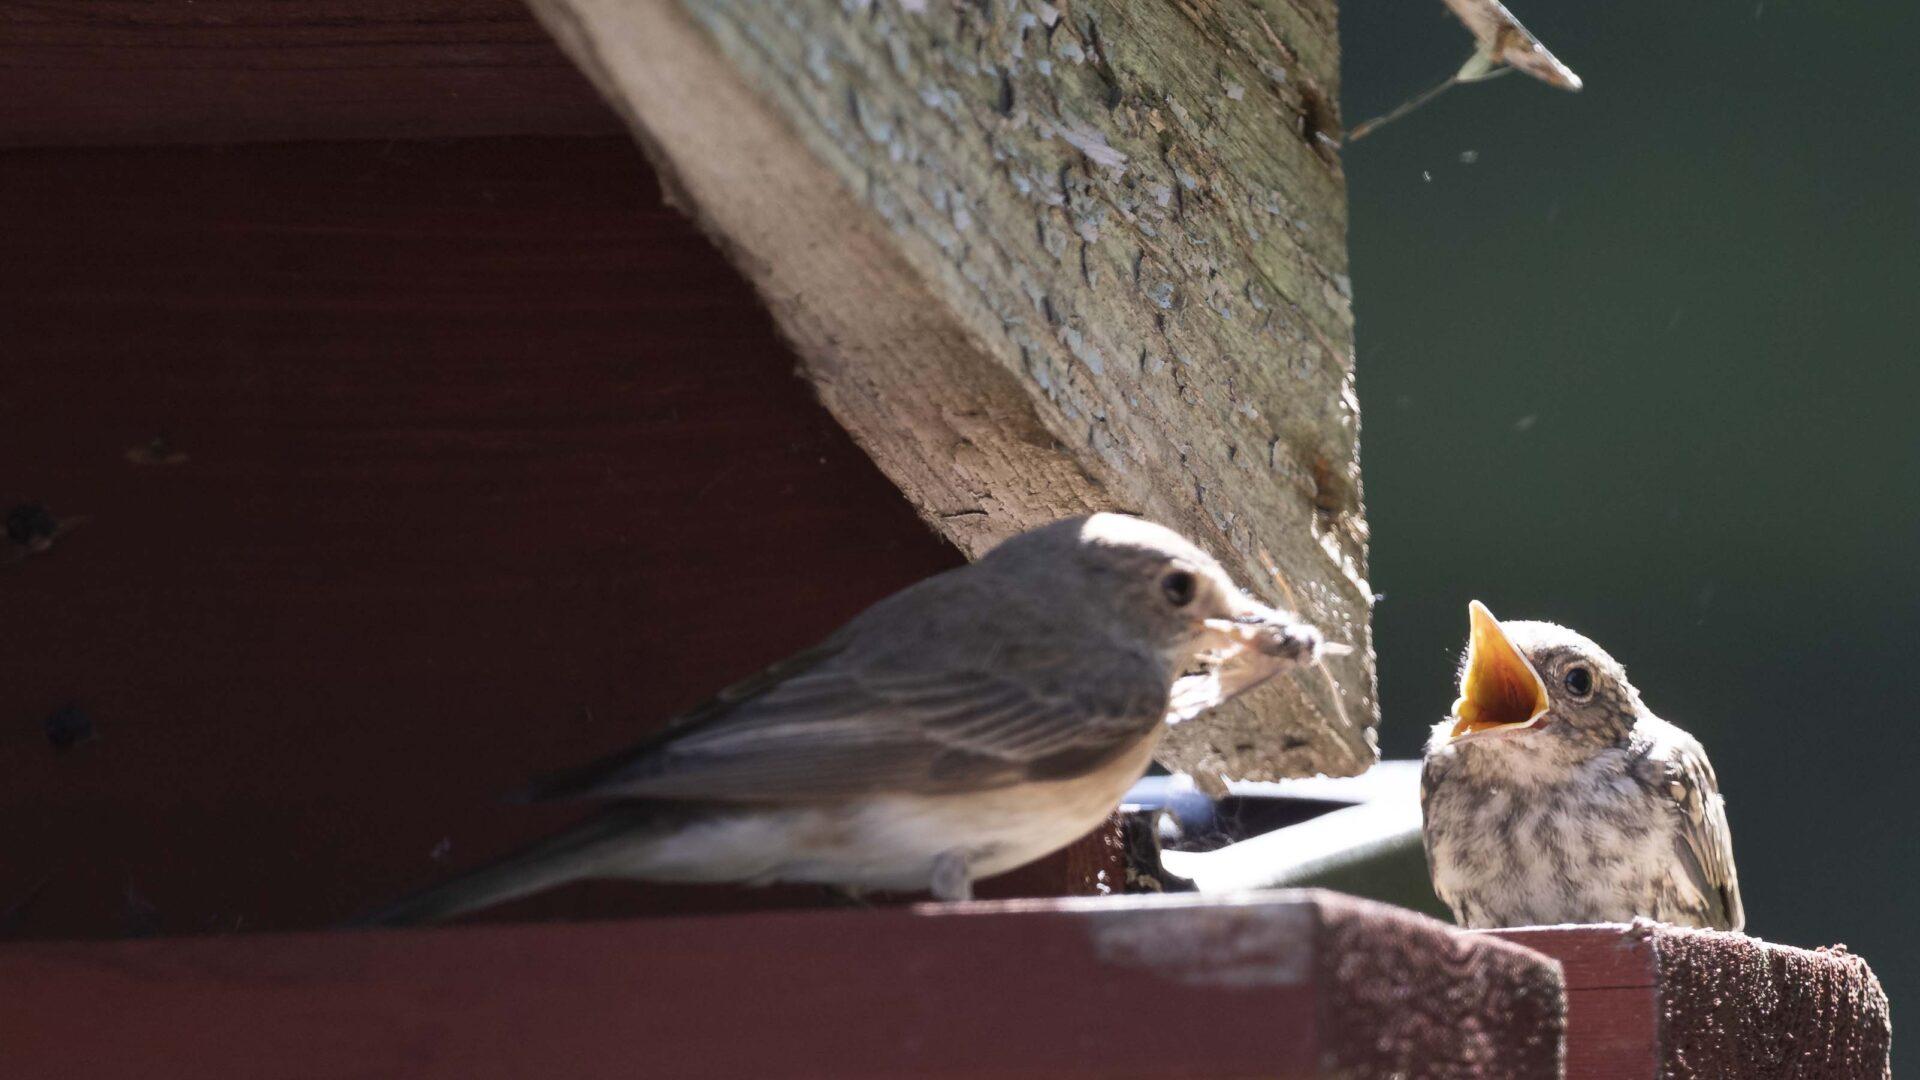 Den grå flugsnapparen matar sin unge som snart lämnar boet